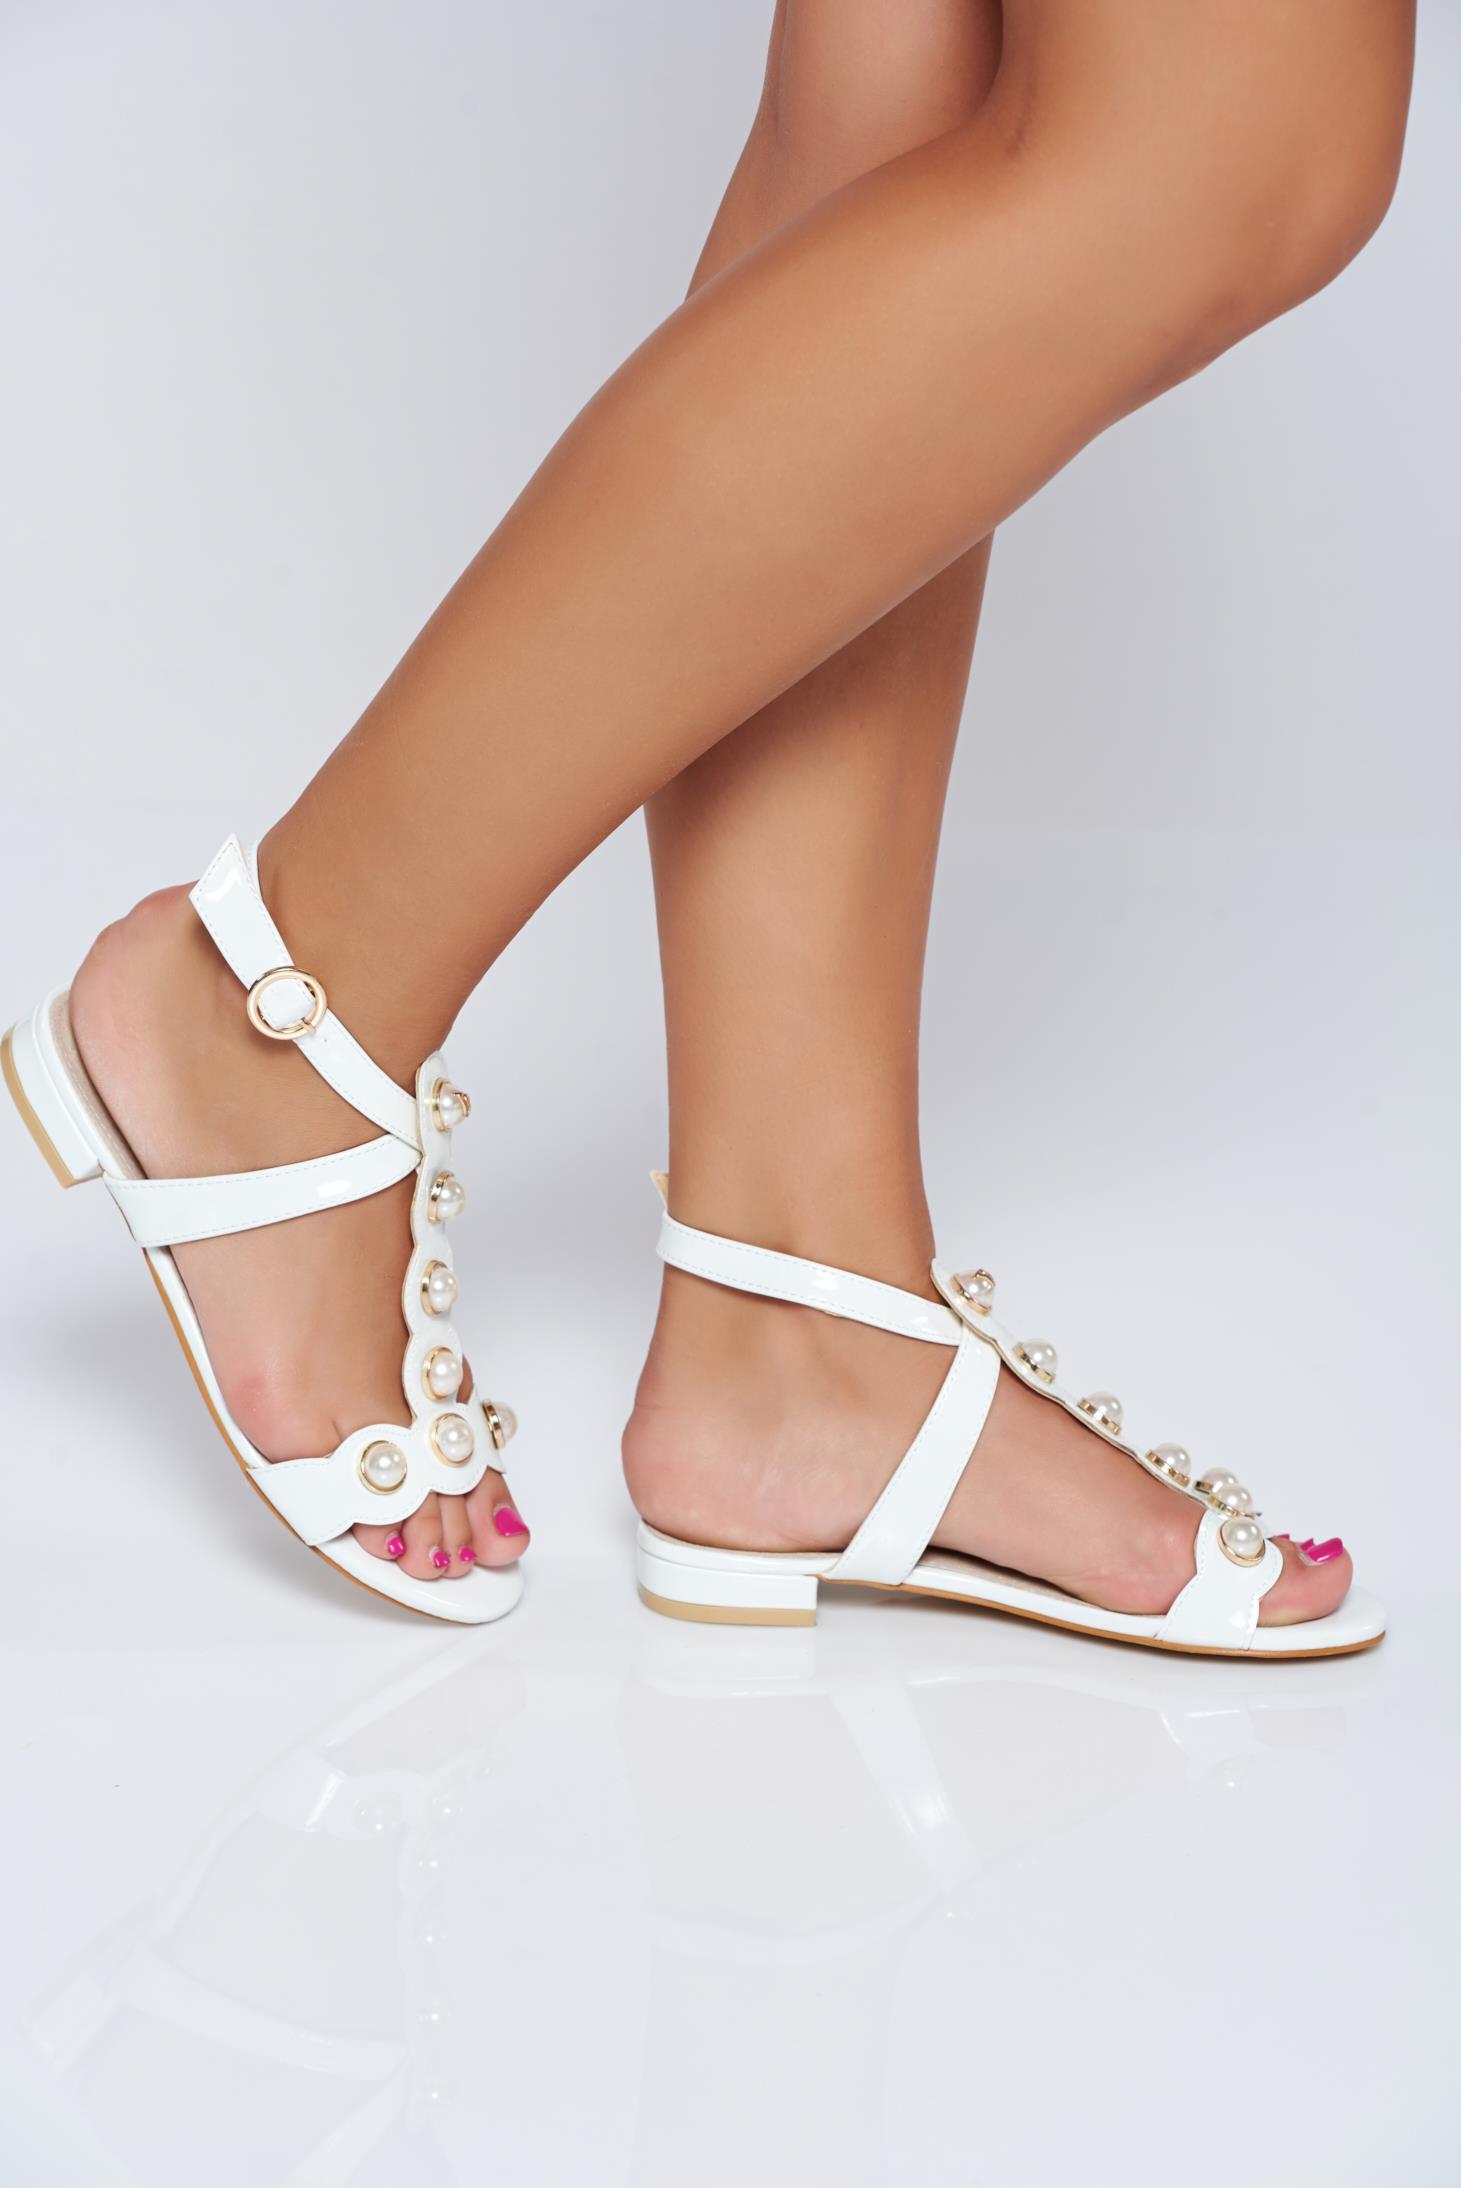 Sandale albe elegante cu aplicatii cu perle